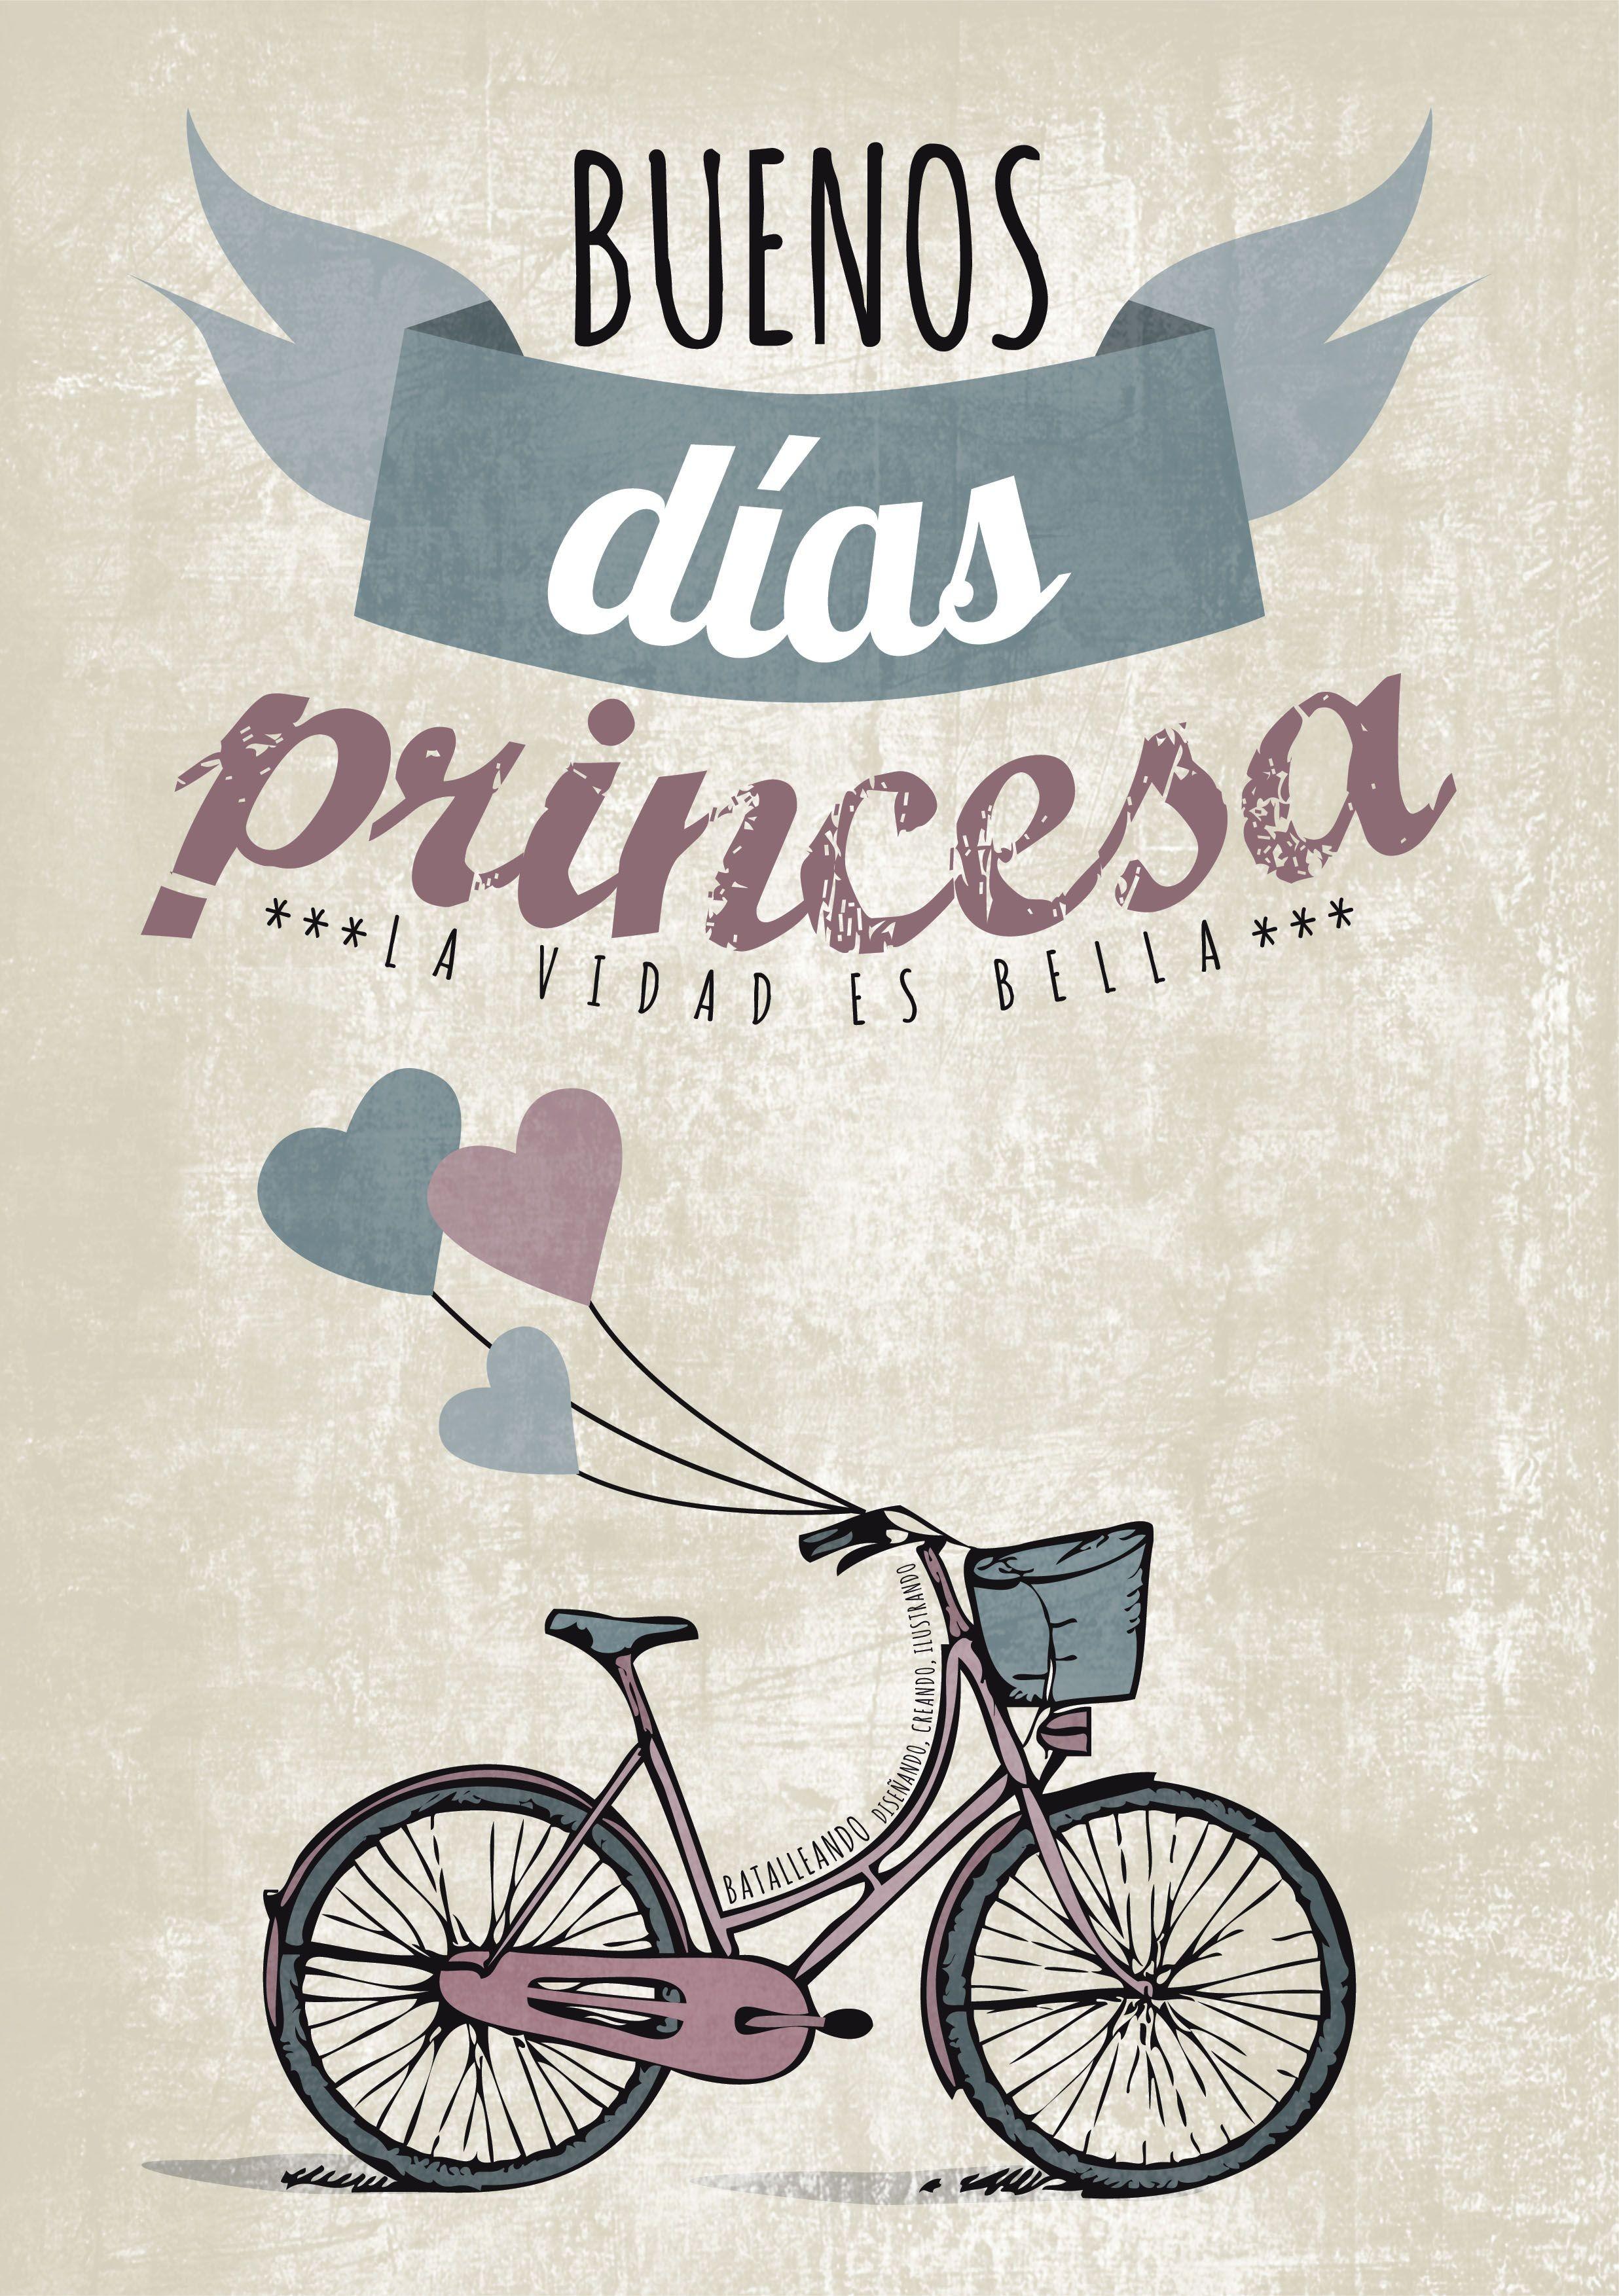 """""""Buenos das princesa"""" La vida es bella """""""